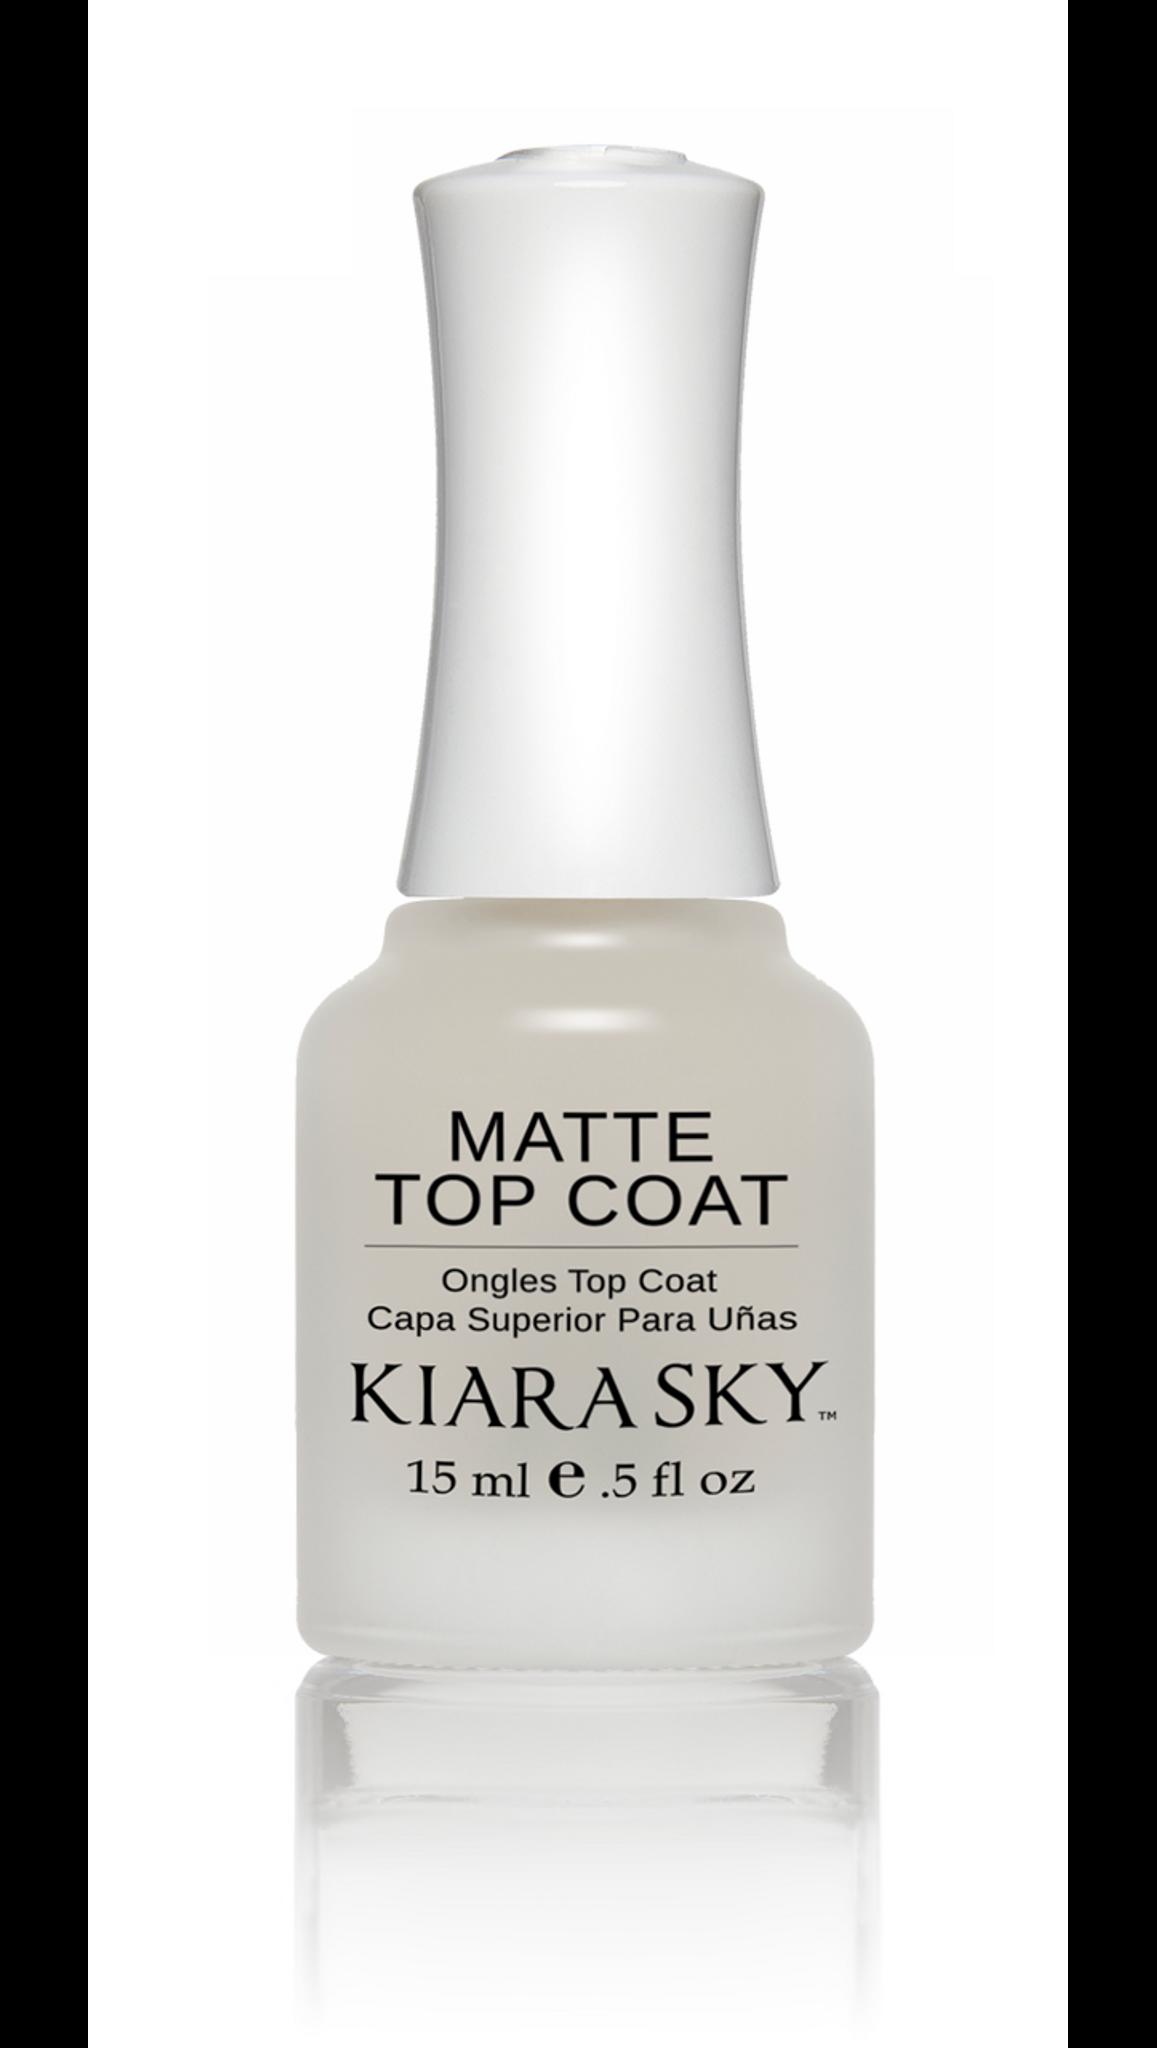 NAIL LACQUER - MATTE TOP COAT - Kiara Sky Professional Nails